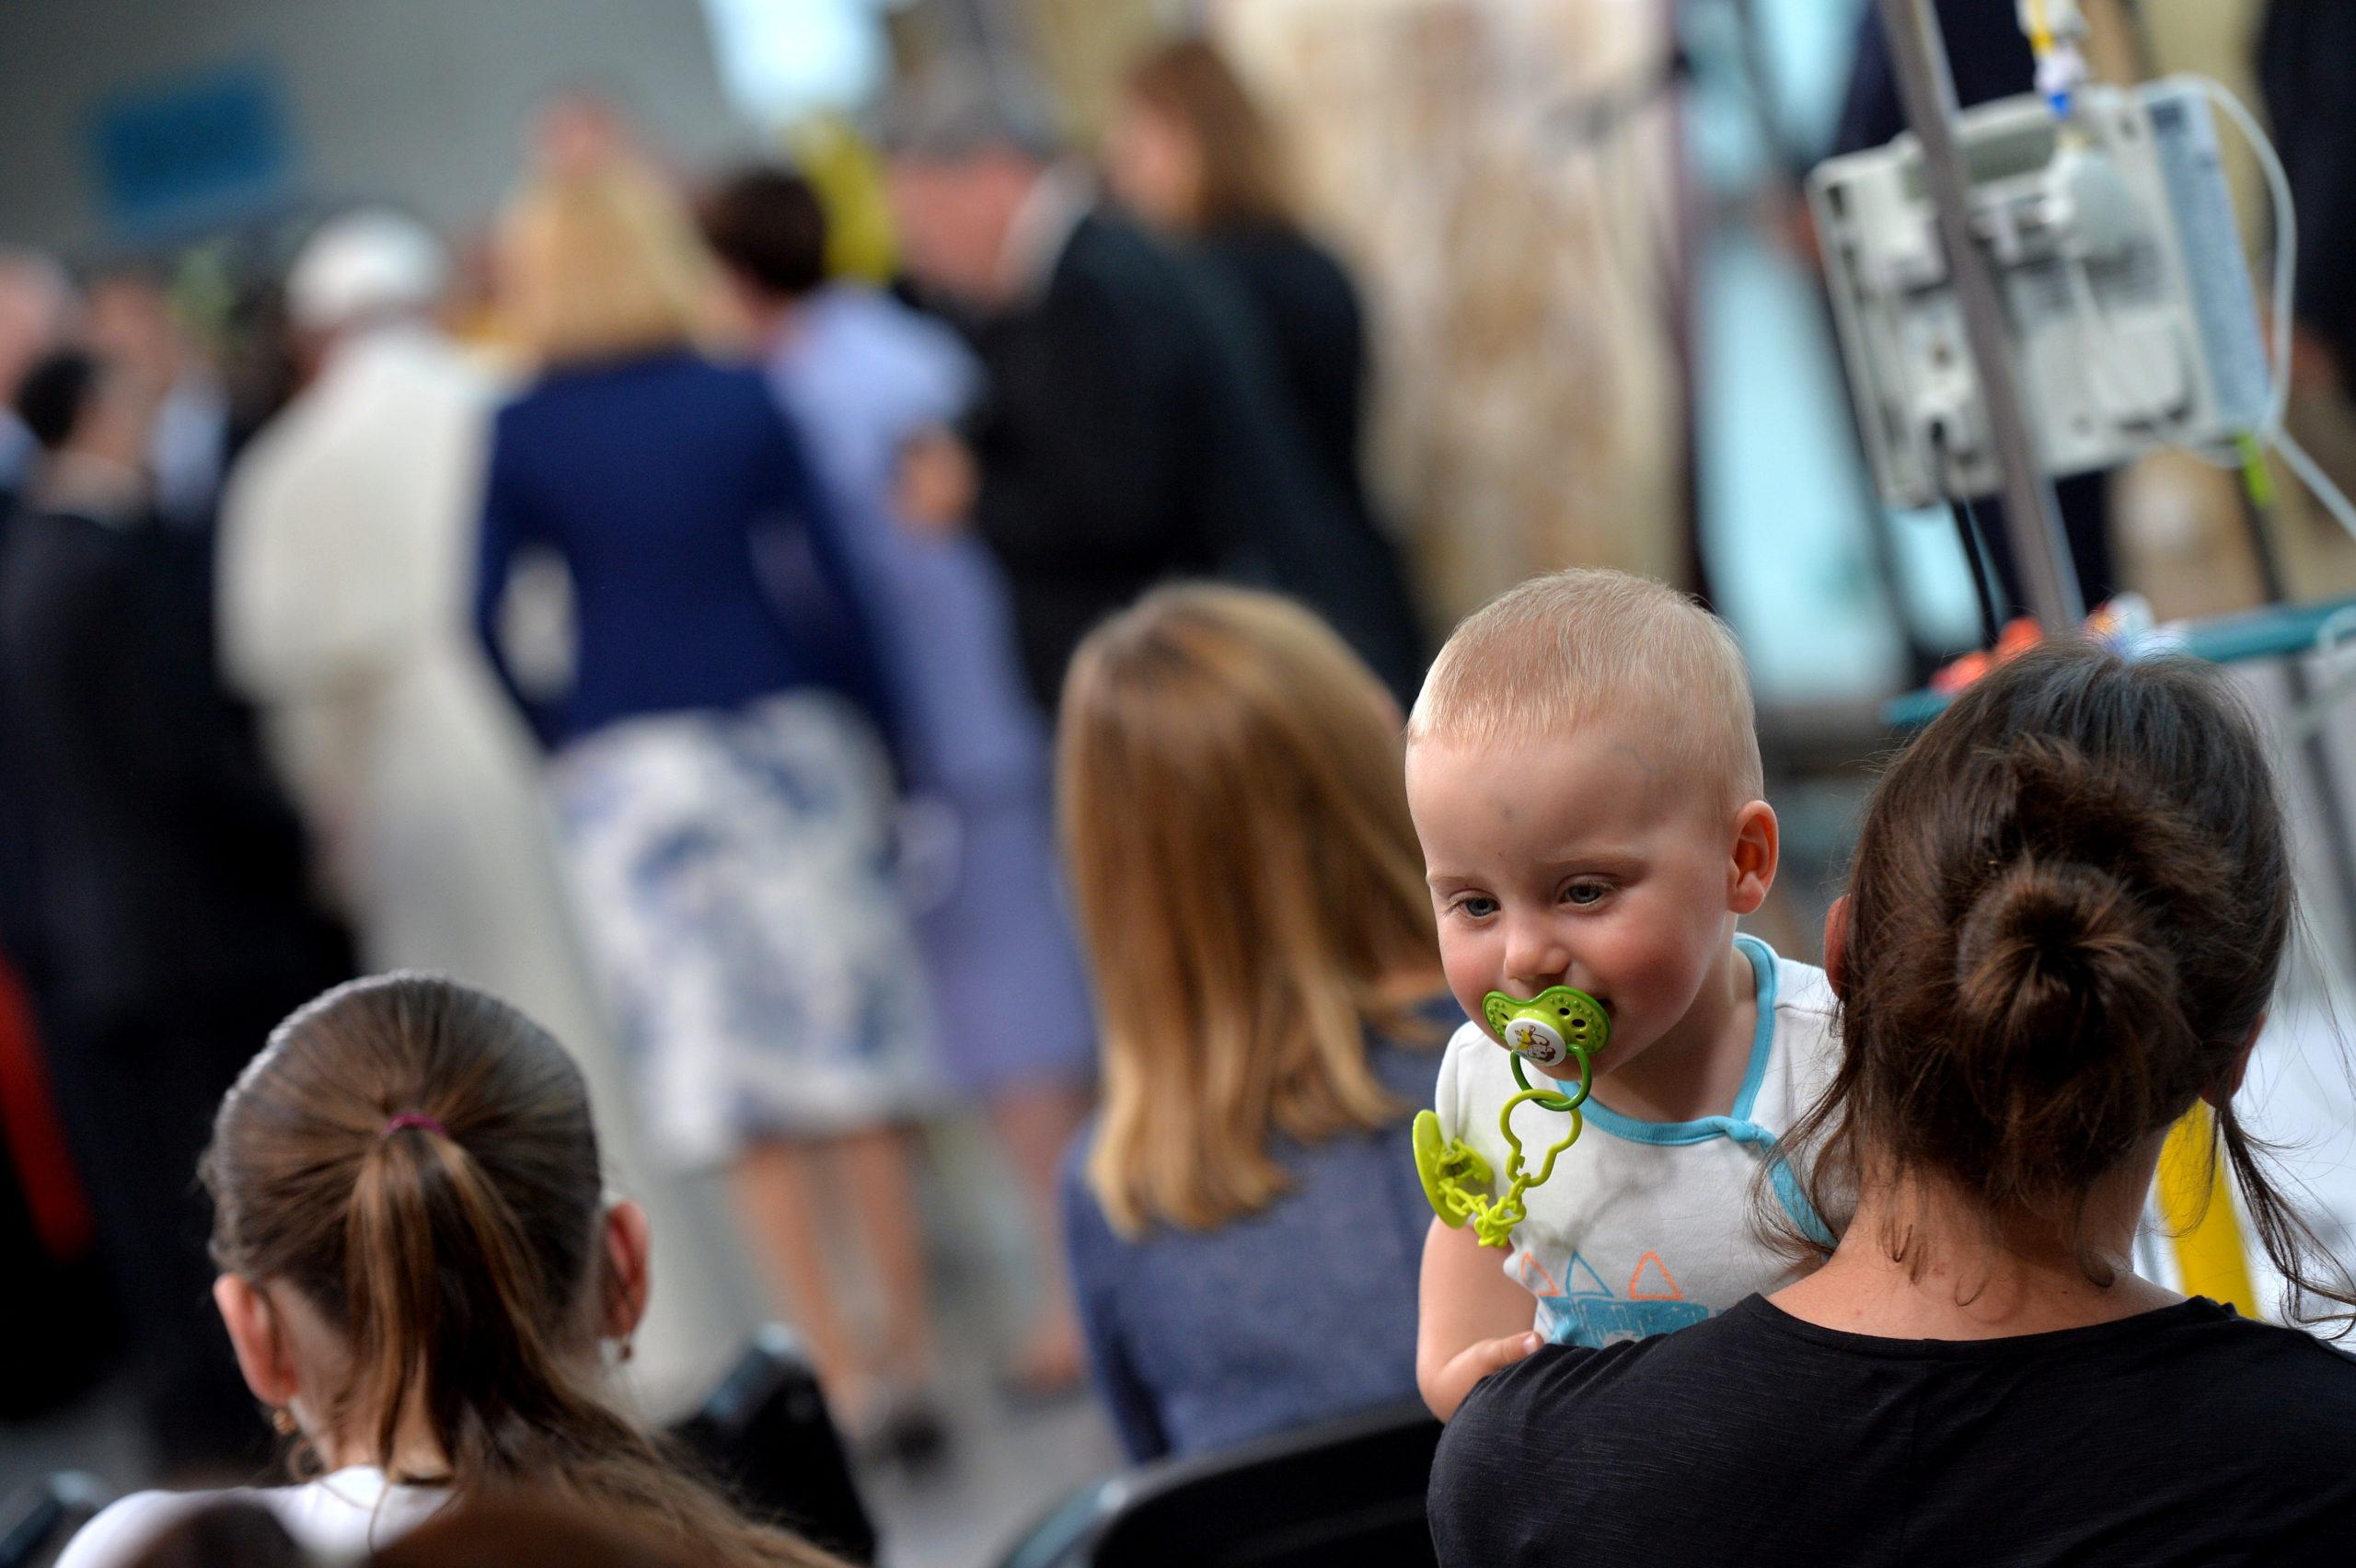 Wizyta  papieża Franciszka w szpitalu dziecięcym w Krakowie-Prokocimiu, 29 VII 2016